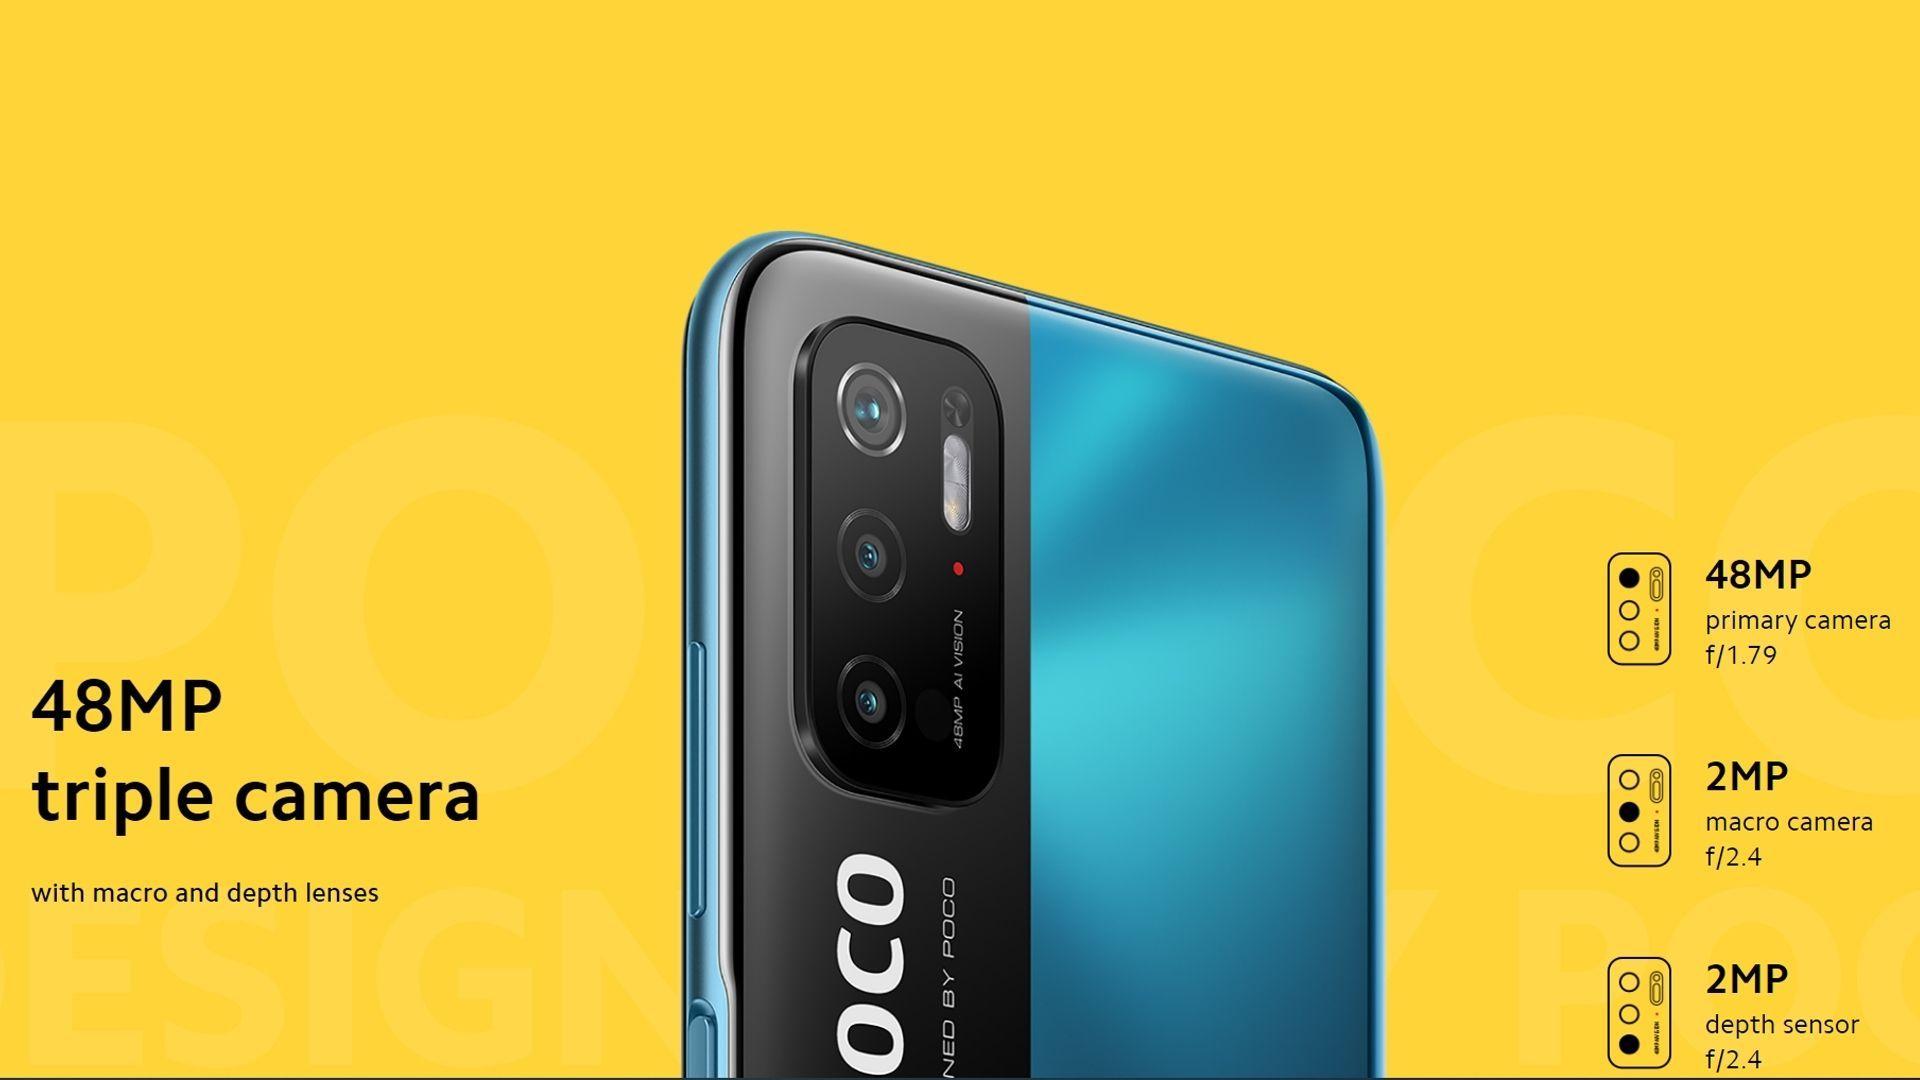 Conjunto de câmeras do Xiaomi POCO M3 Pro 5G. (Foto: Divulgação/Xiaomi)